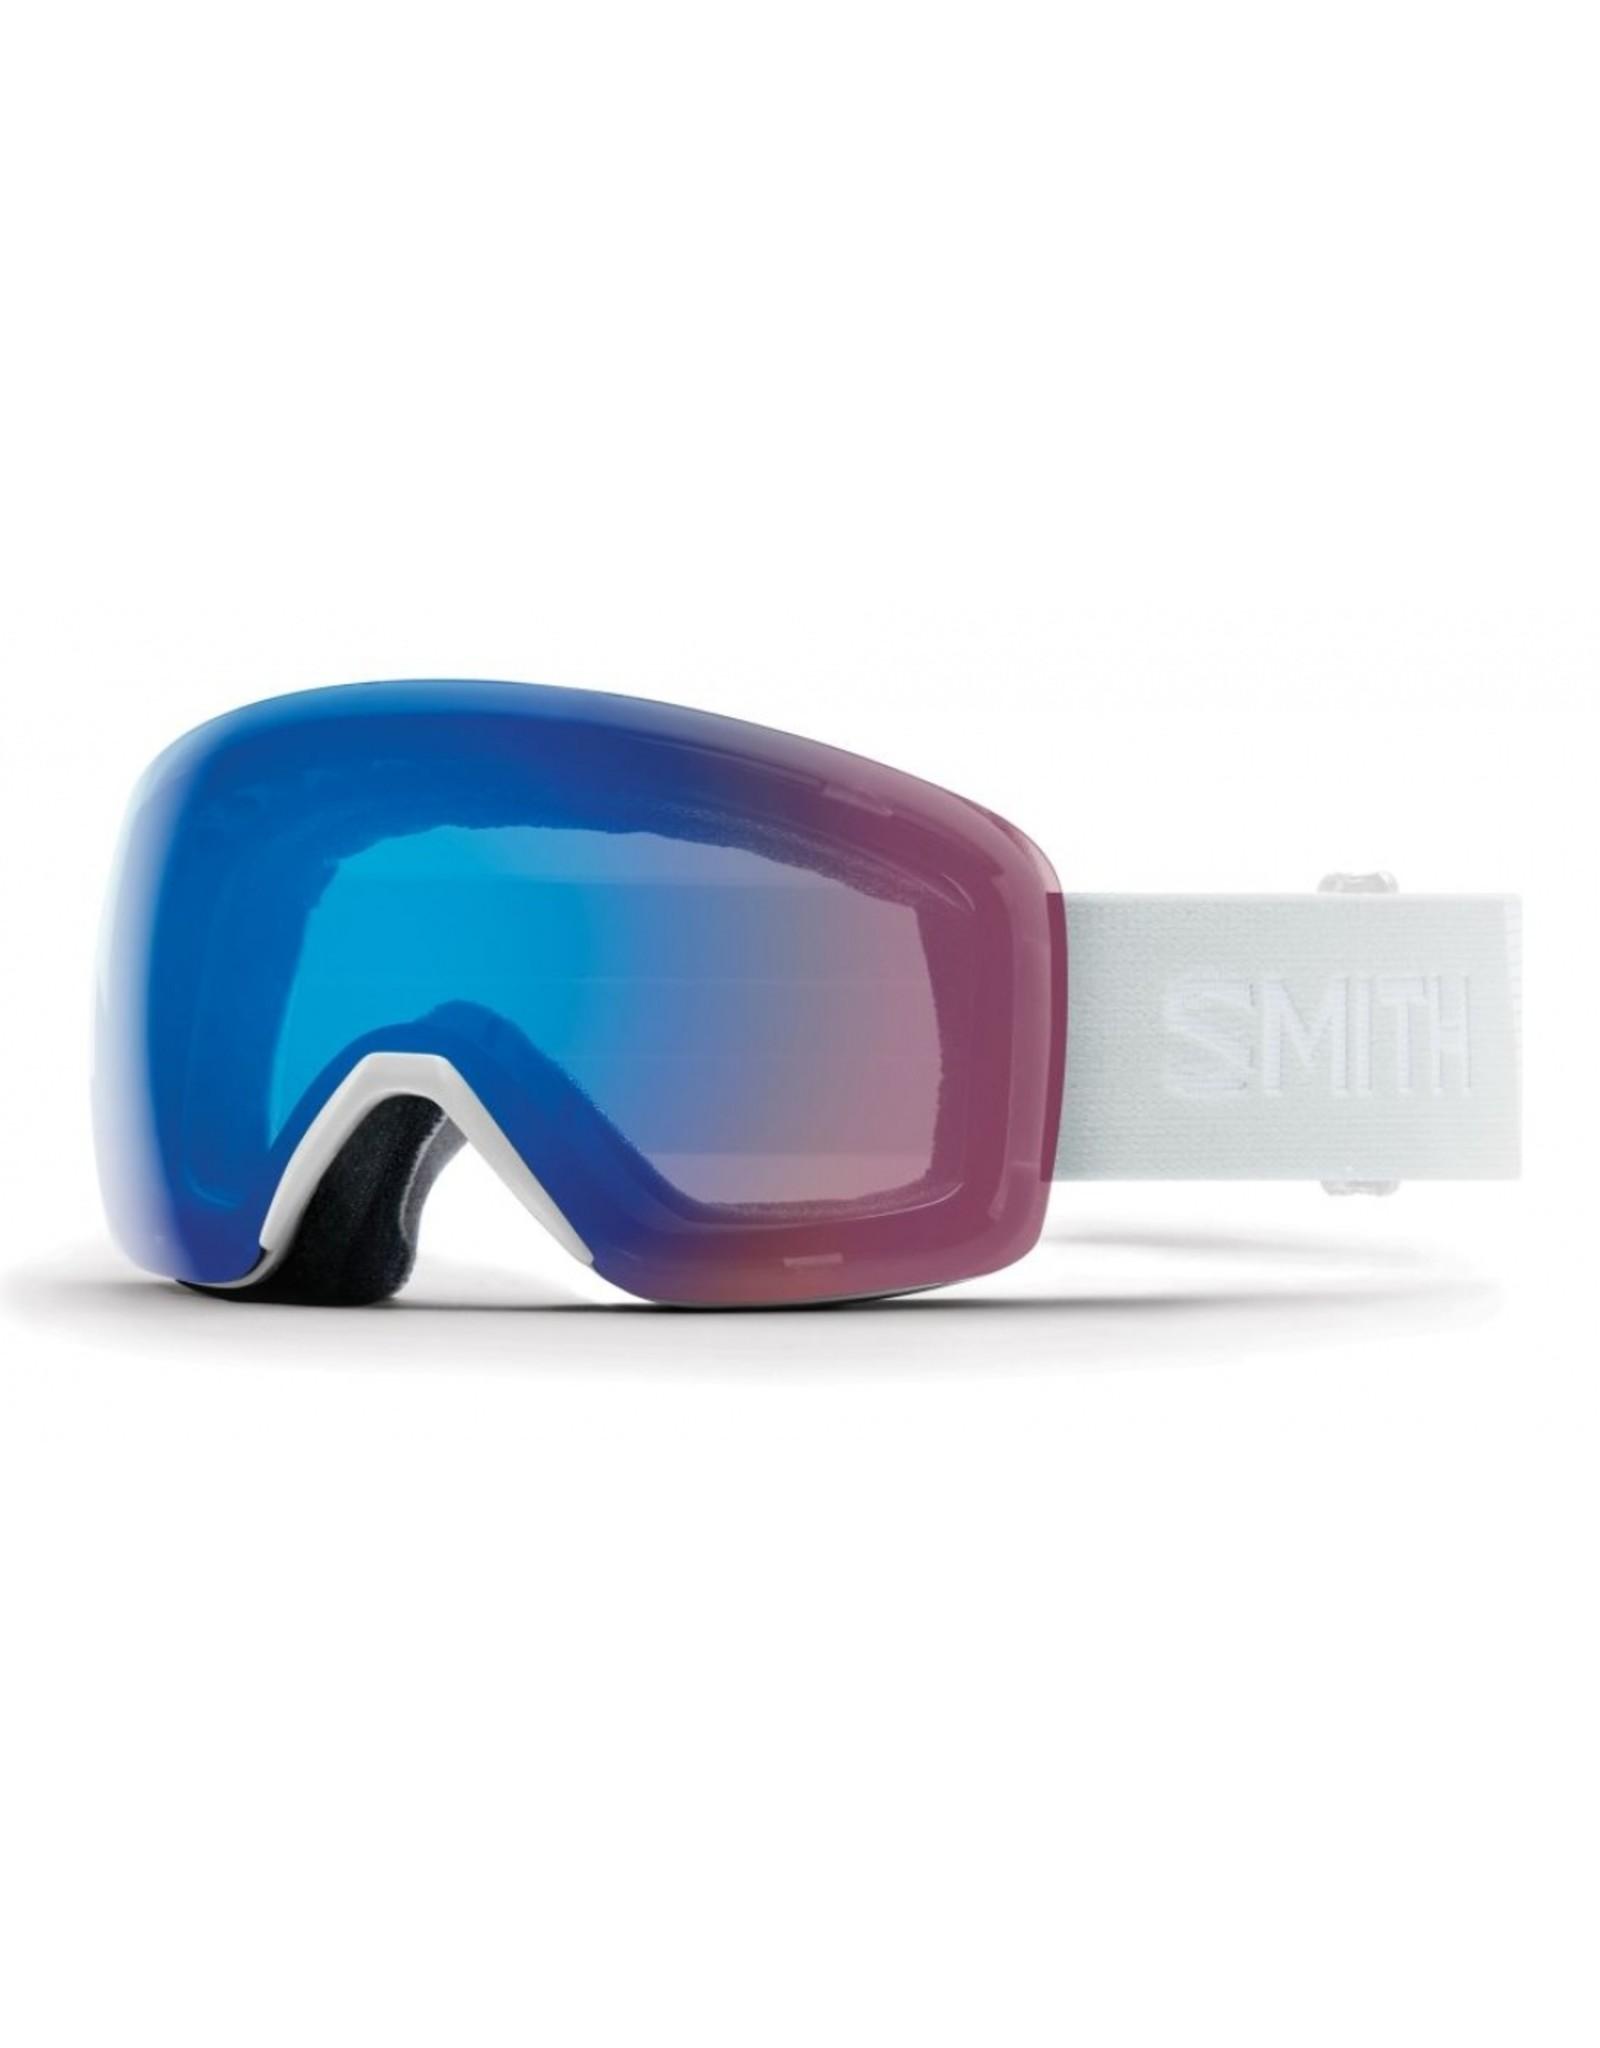 SMITH SKYLINE  WHITE VAPOR PHOTO ROSE FLASH W20